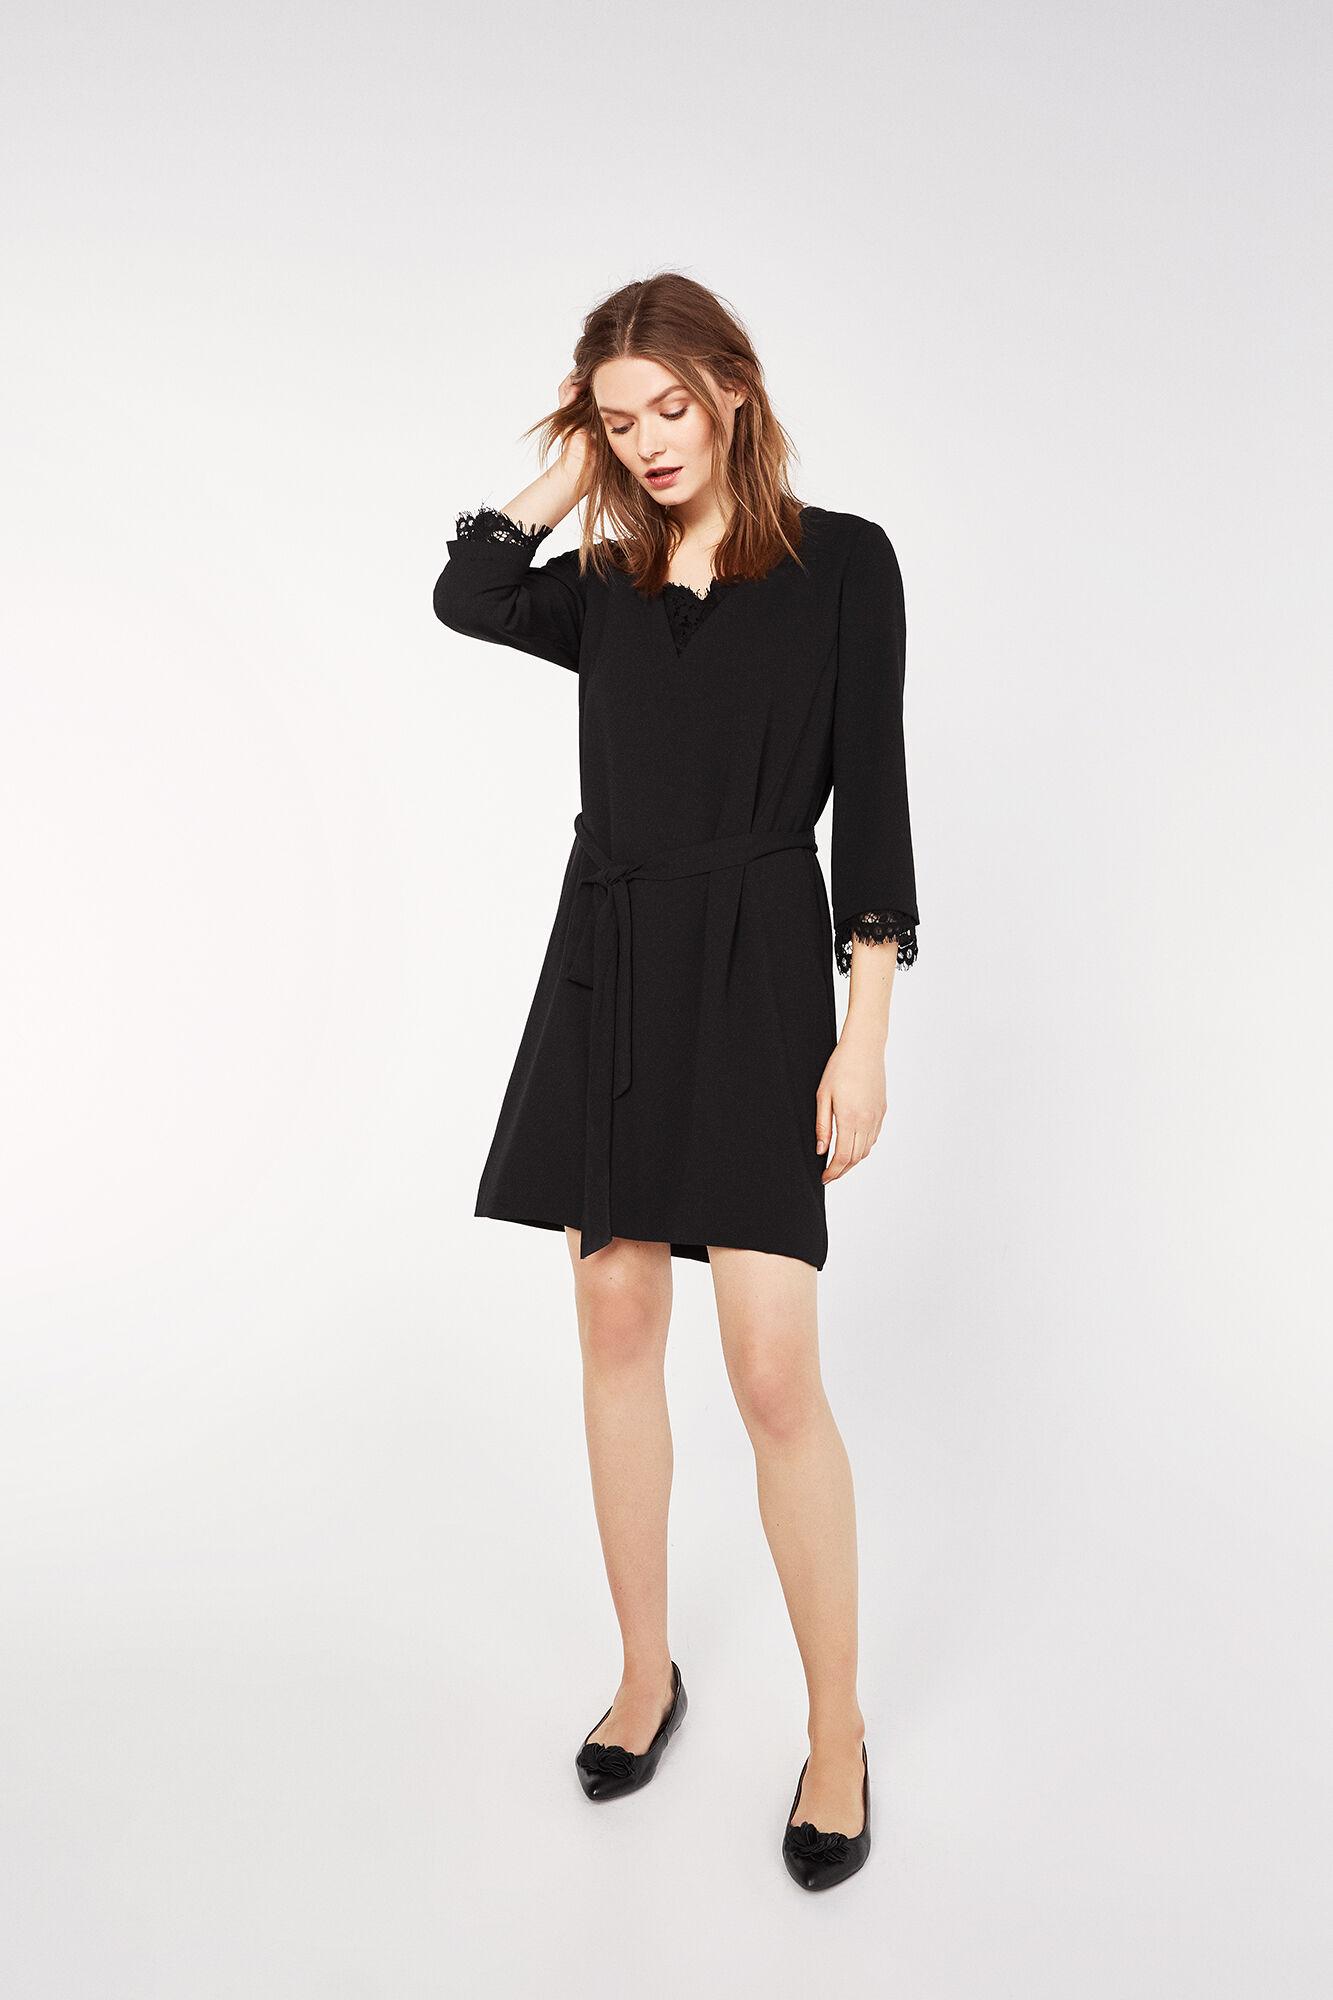 Vestidos cortos con falda larga